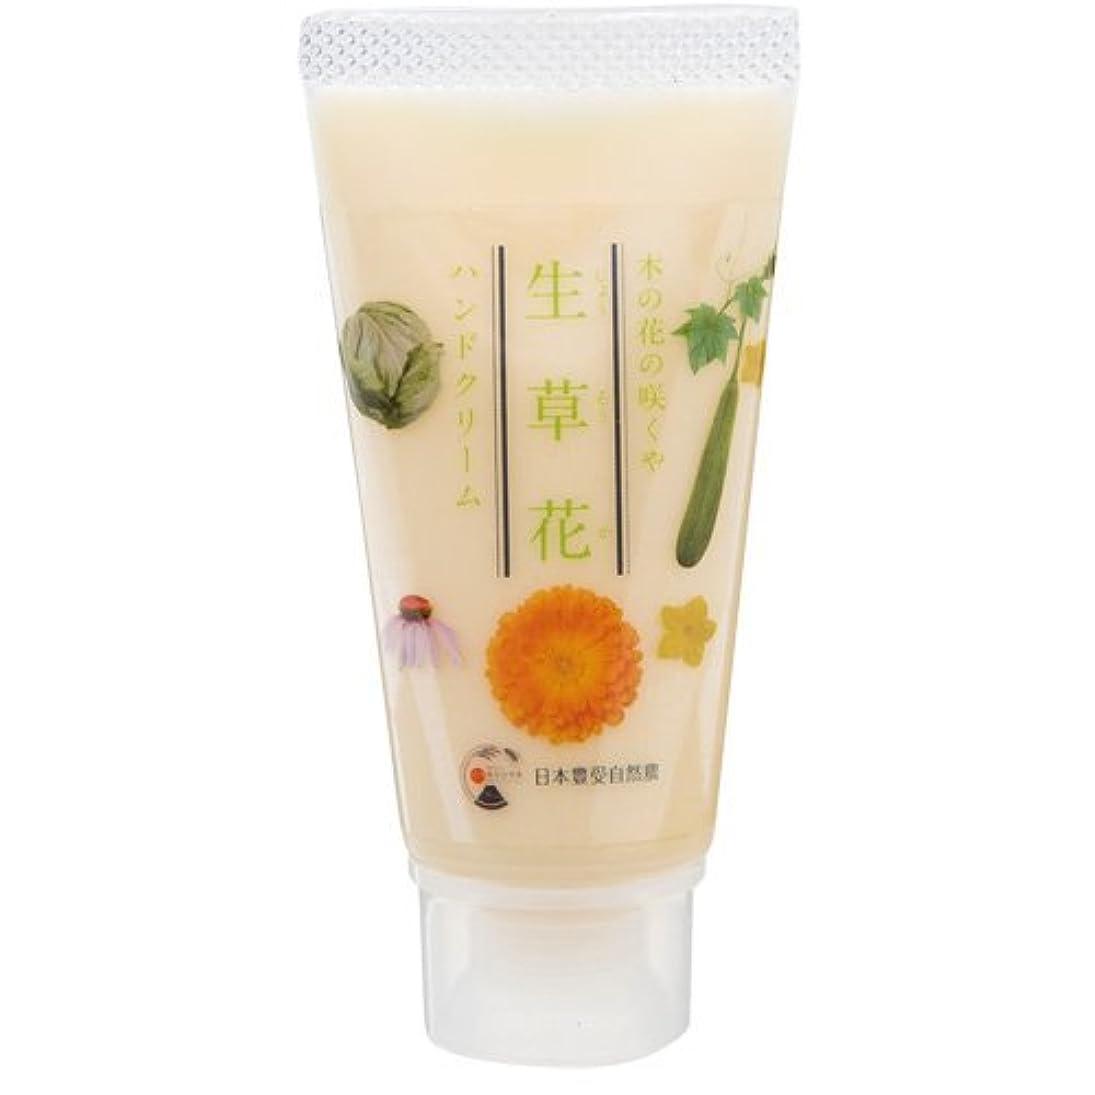 ワーカー絶滅した誠意日本豊受自然農 木の花の咲くや 生草花 ハンドクリーム 30g